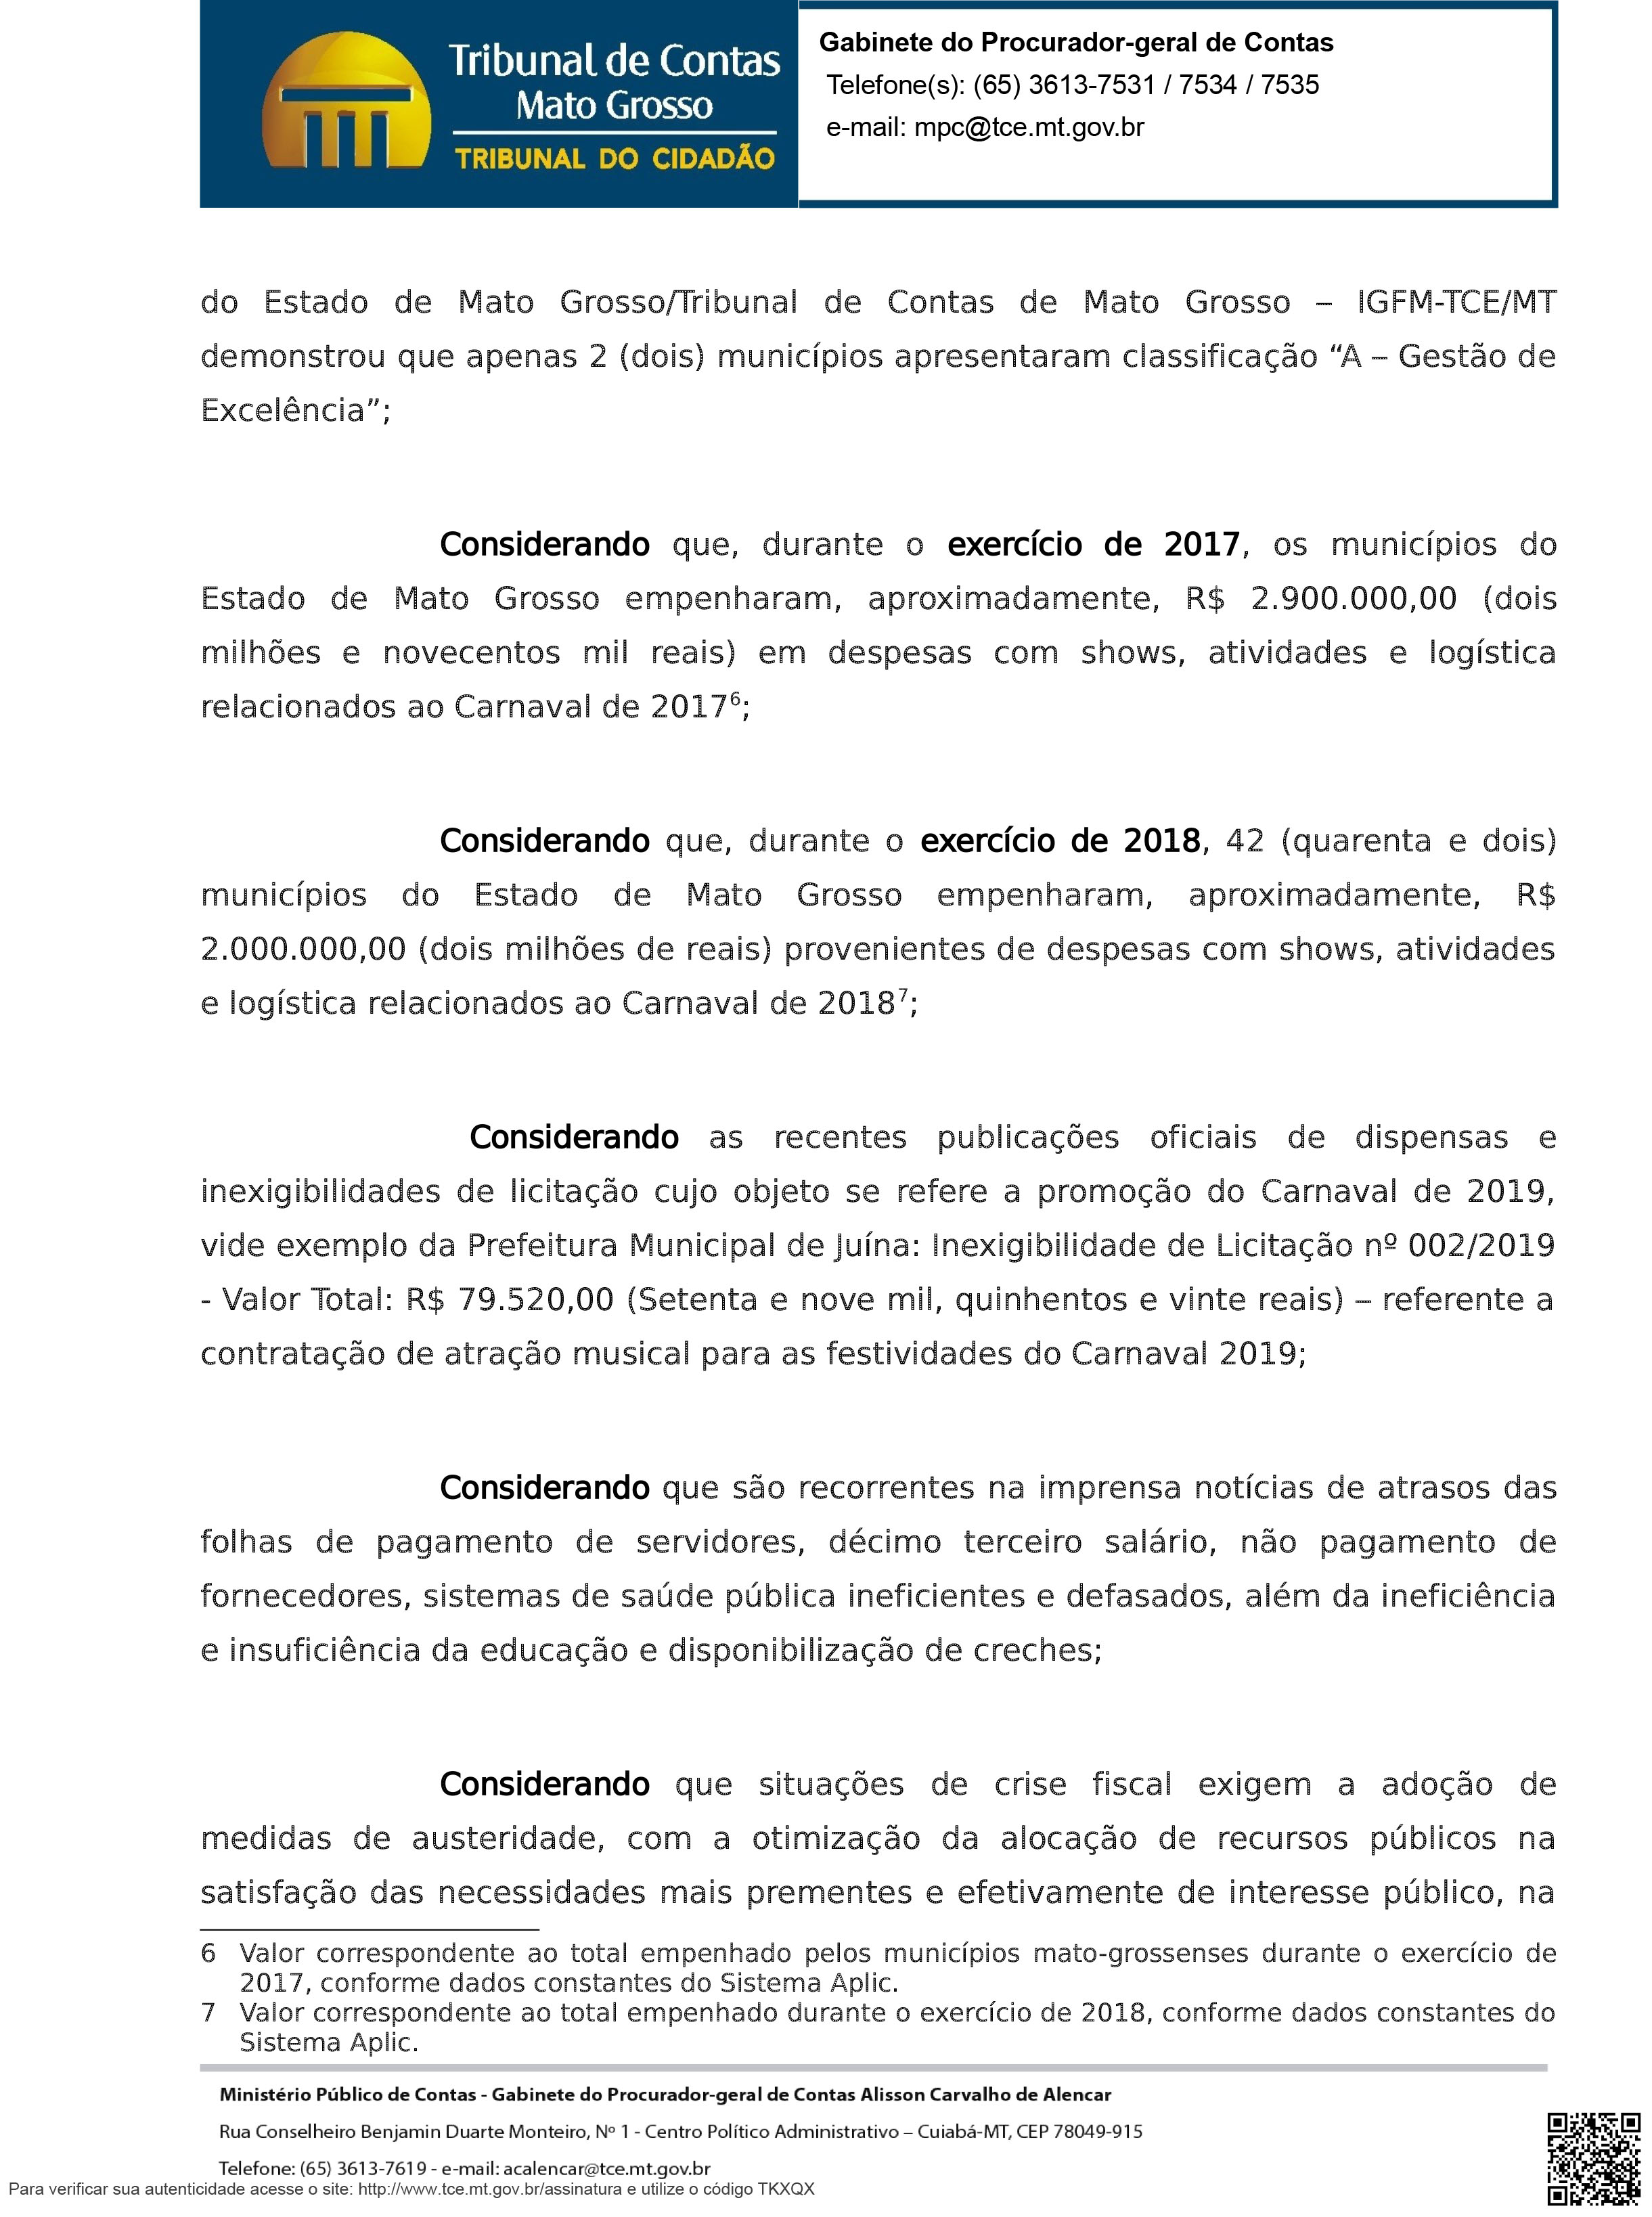 OFÍCIO CIRCULAR 01-2019 FESTIVIDADES DE CARNAVAL-4